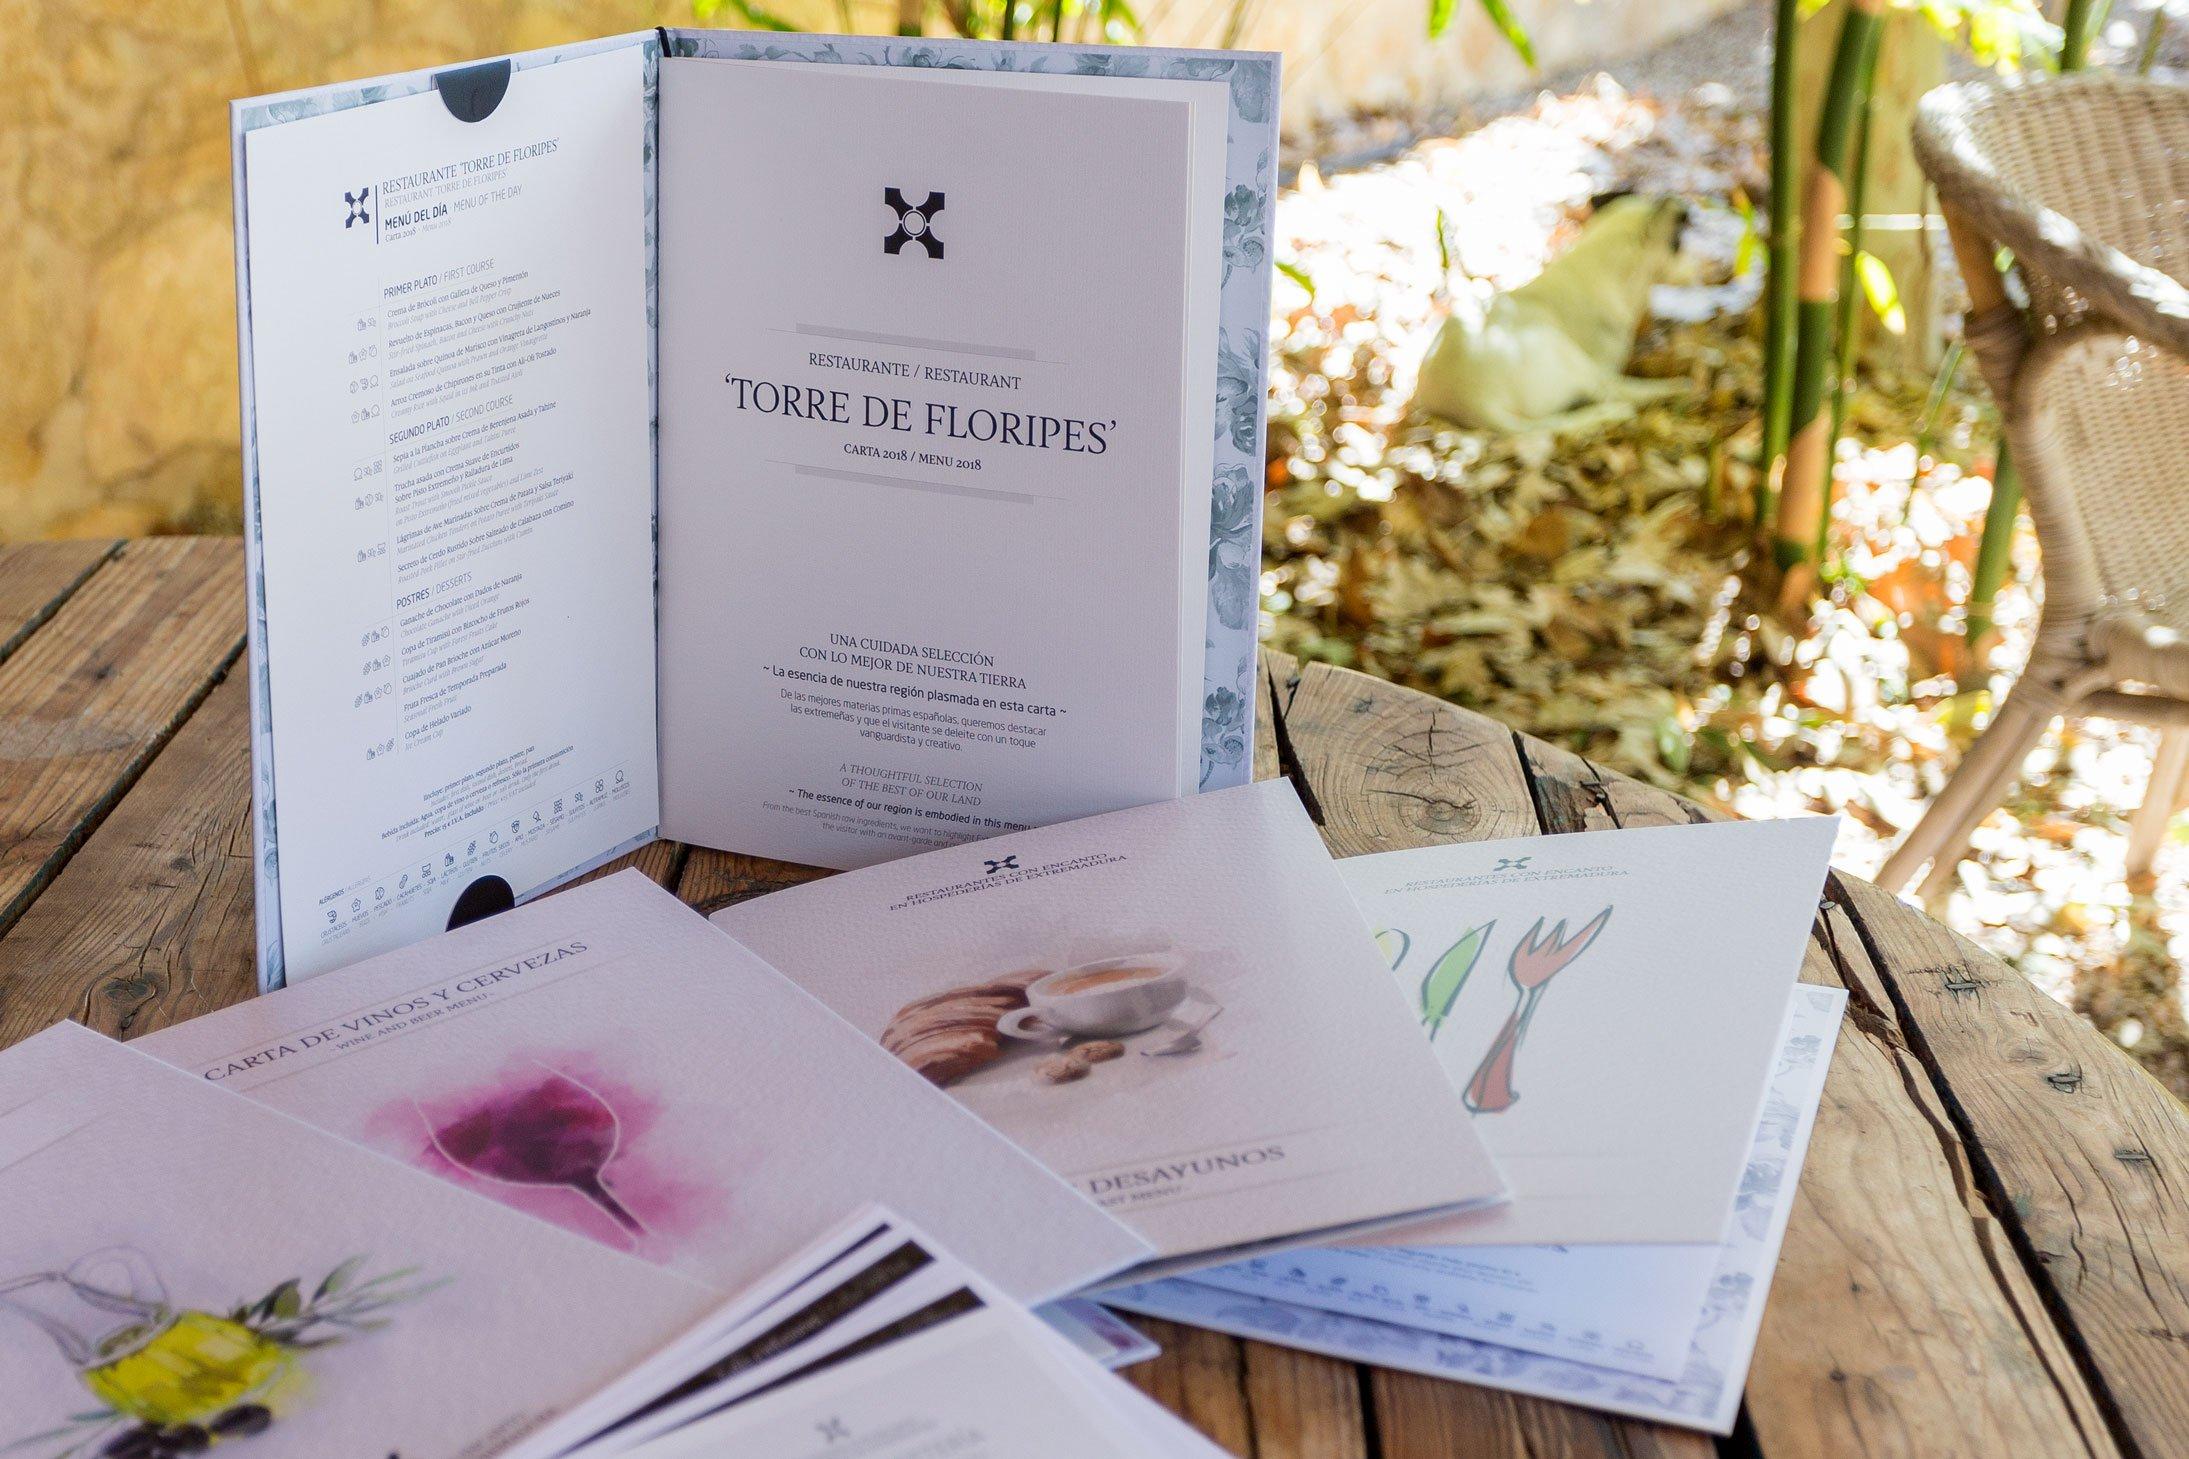 Cartas de restaurante, además de diseño, responsabilidad